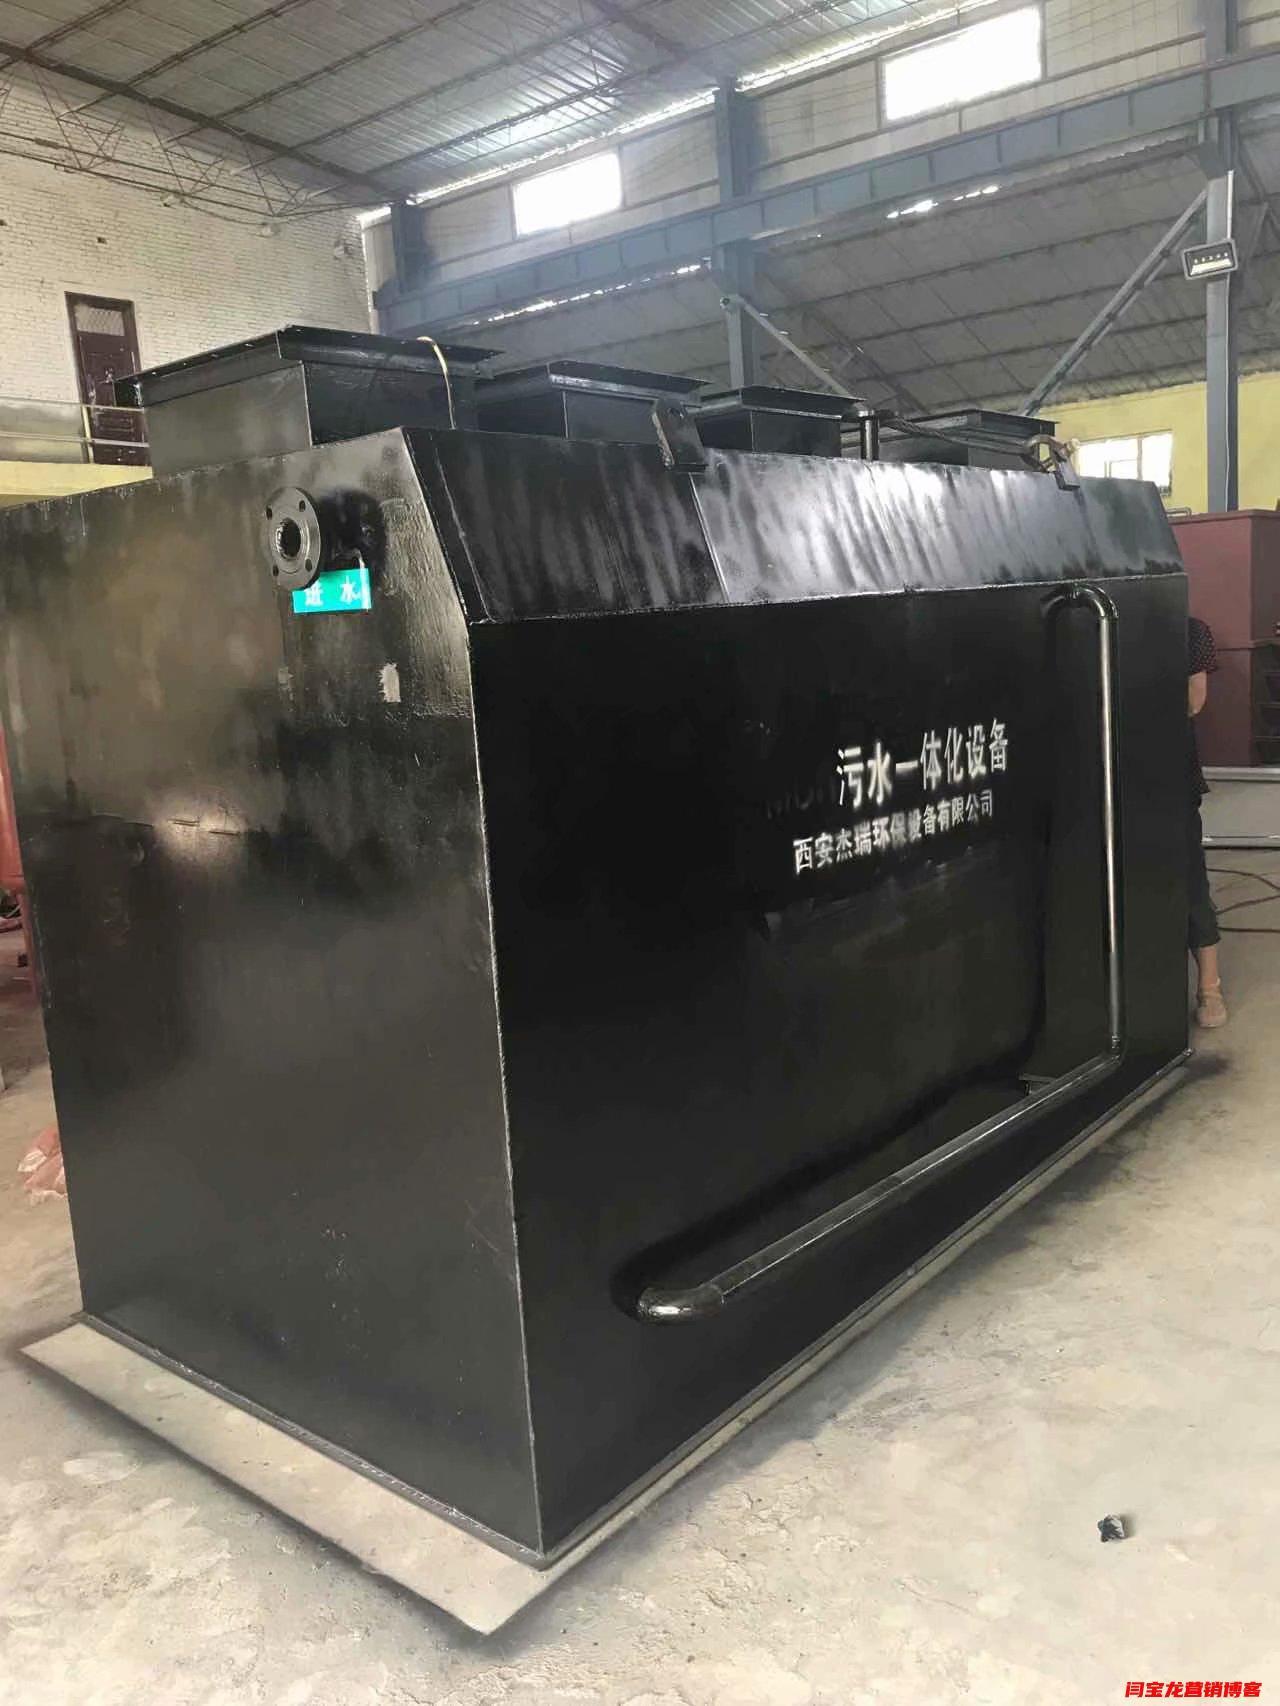 西安杰瑞环保分享工业污水处理设备日常的保养清洁常识